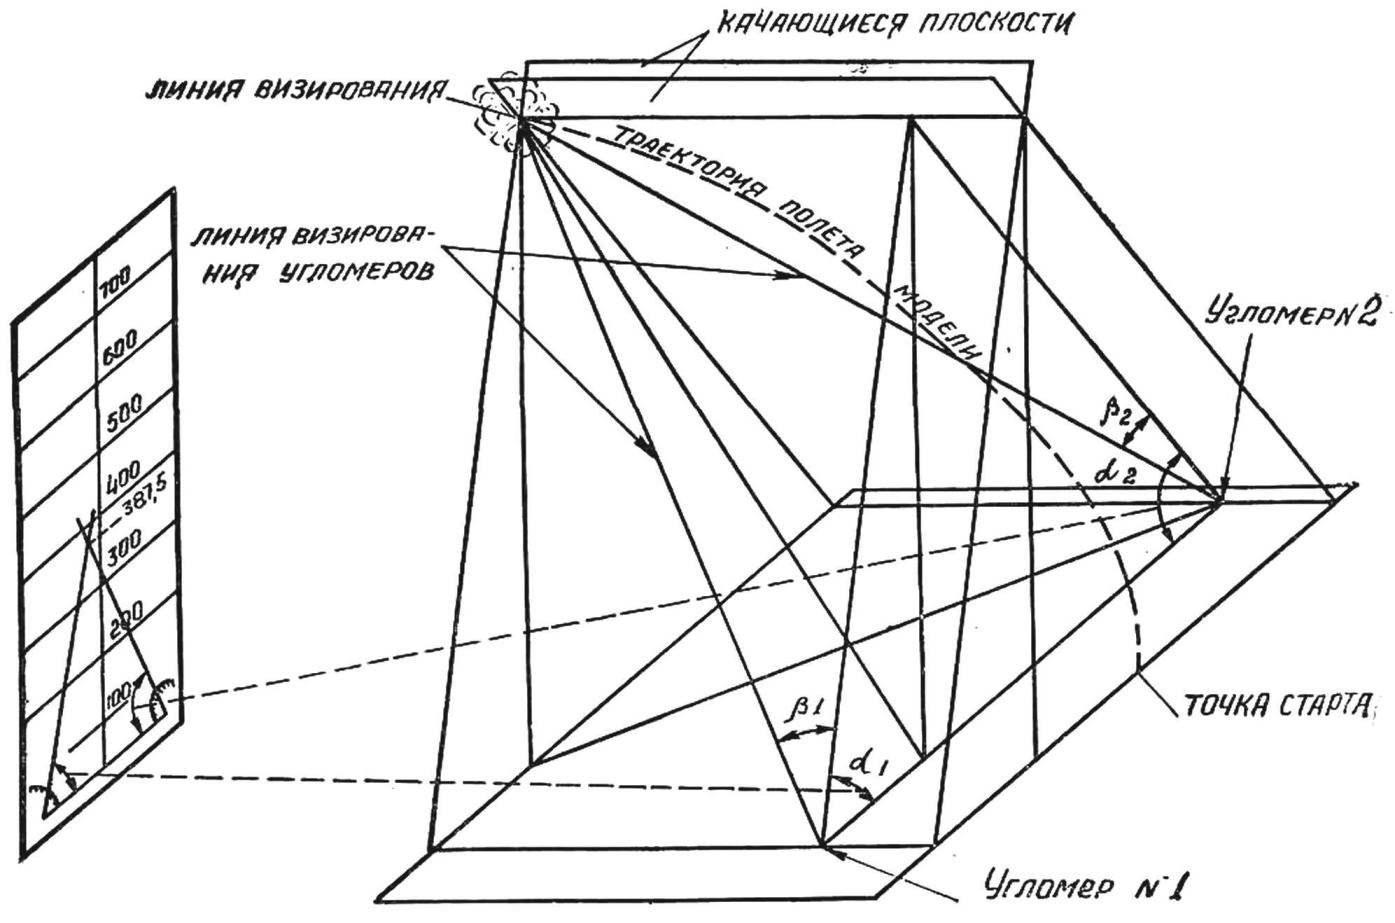 Рис. 4. Схема замера высоты полета моделей ракет.